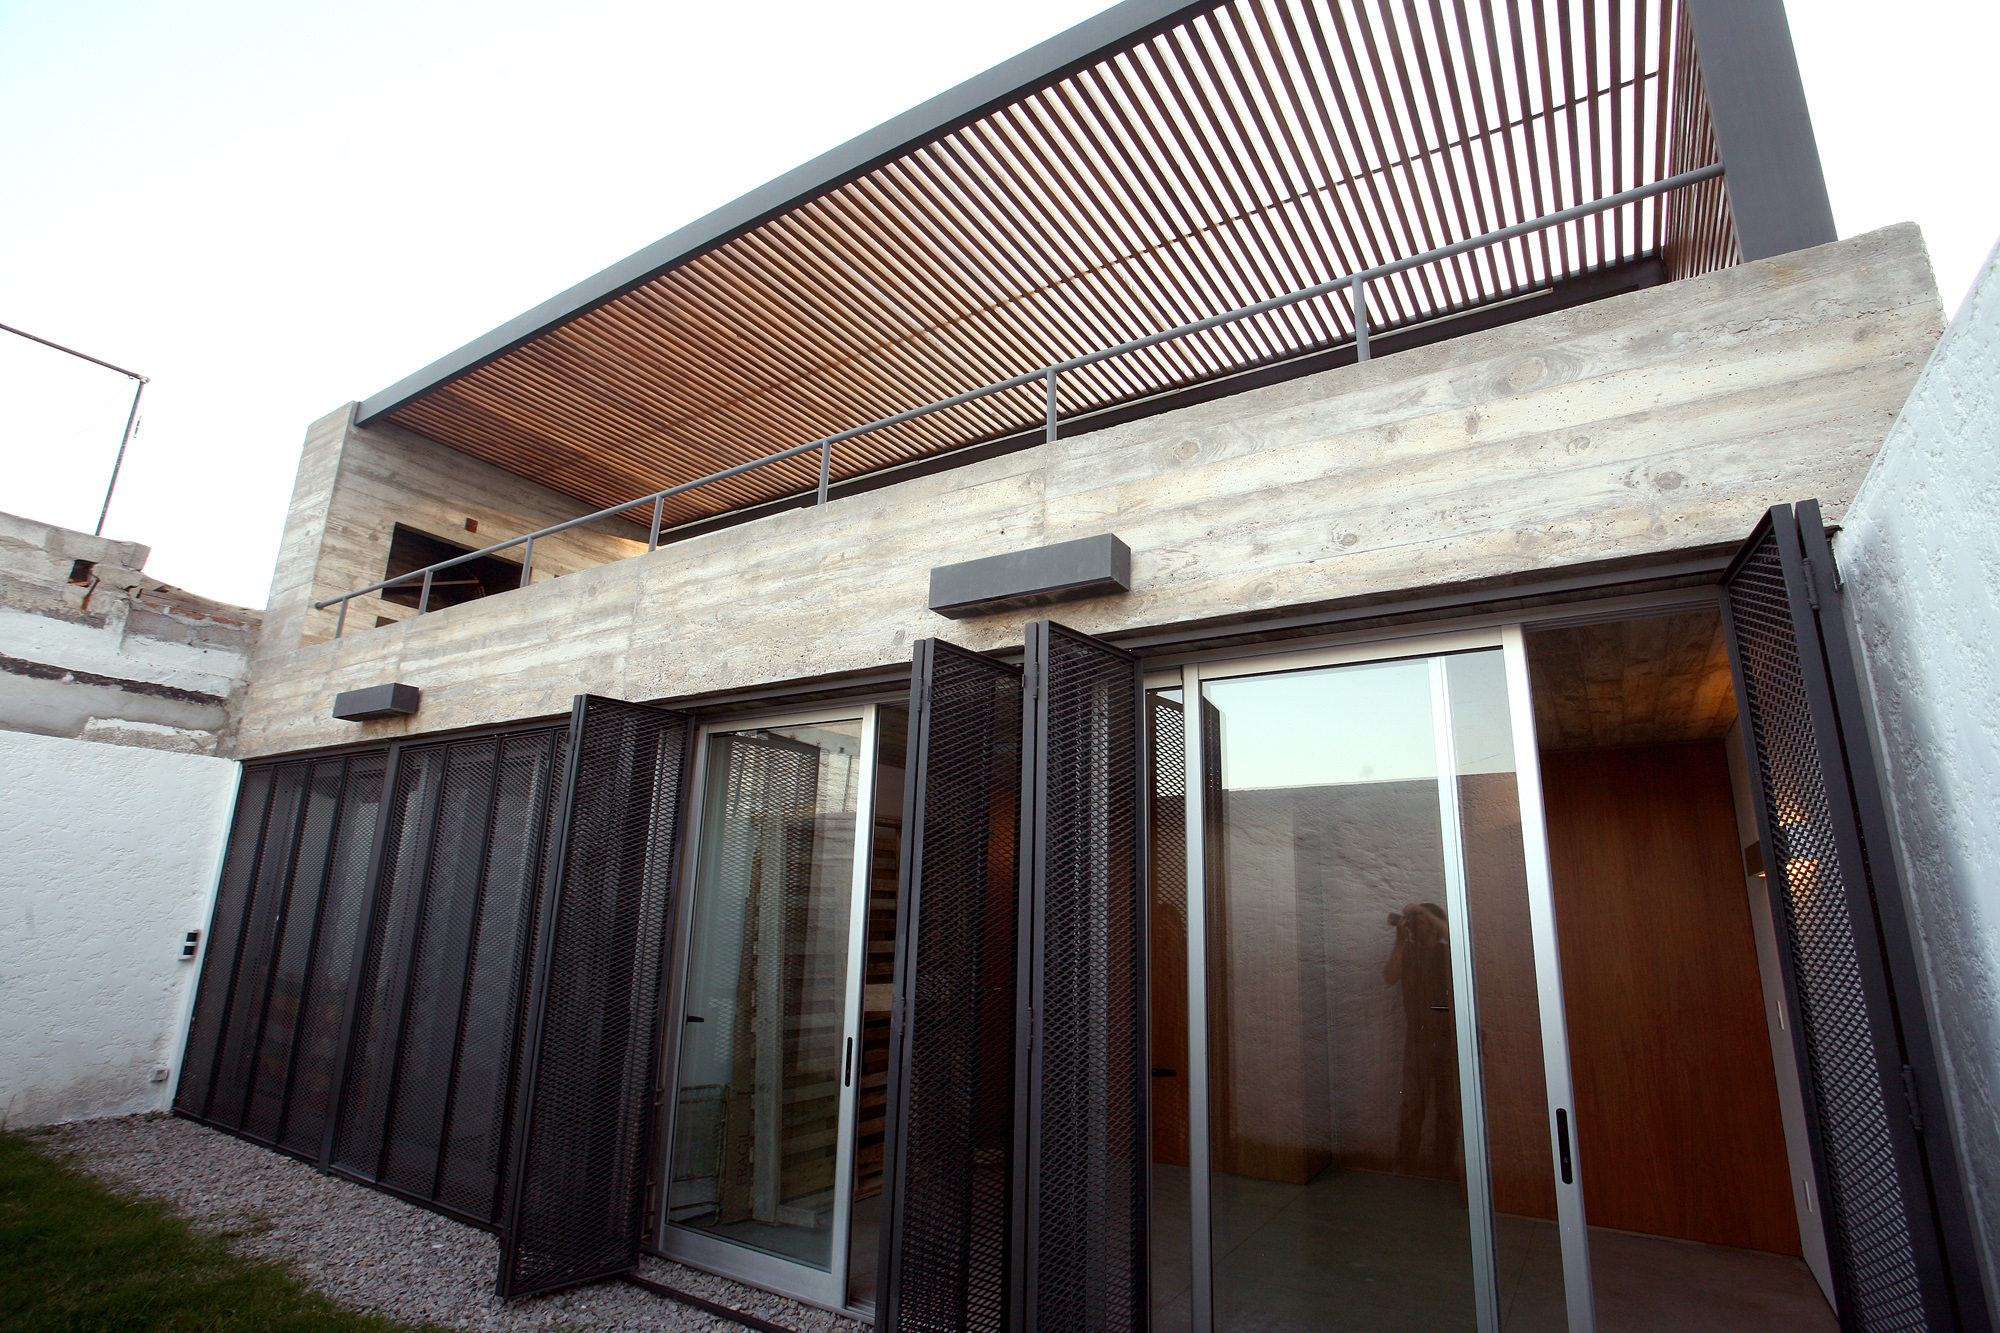 Galeria de cubierta verde cardoso z iga 6 for Cubiertas minimalistas